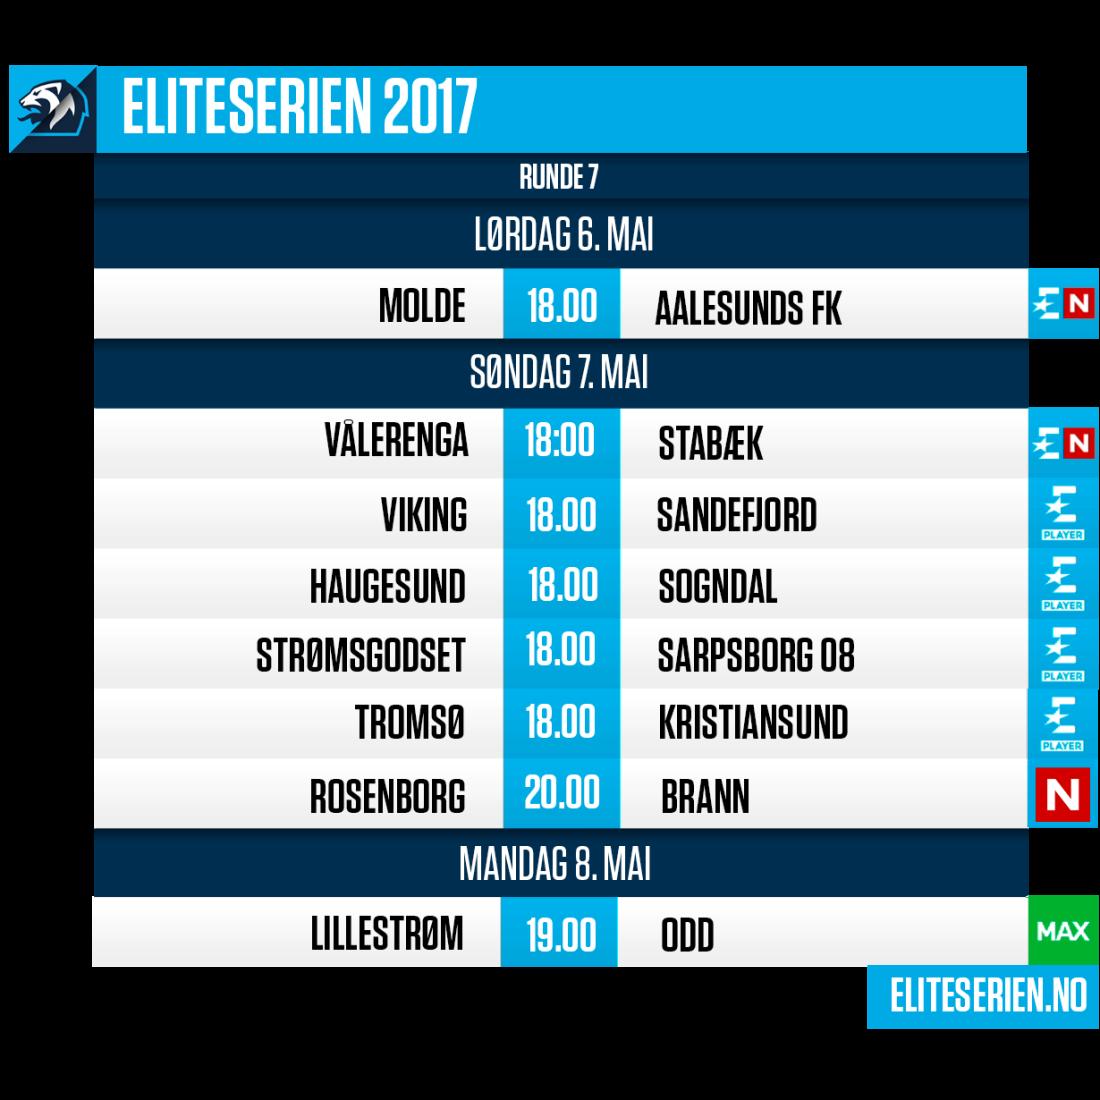 Eliteserien_runde_7.png